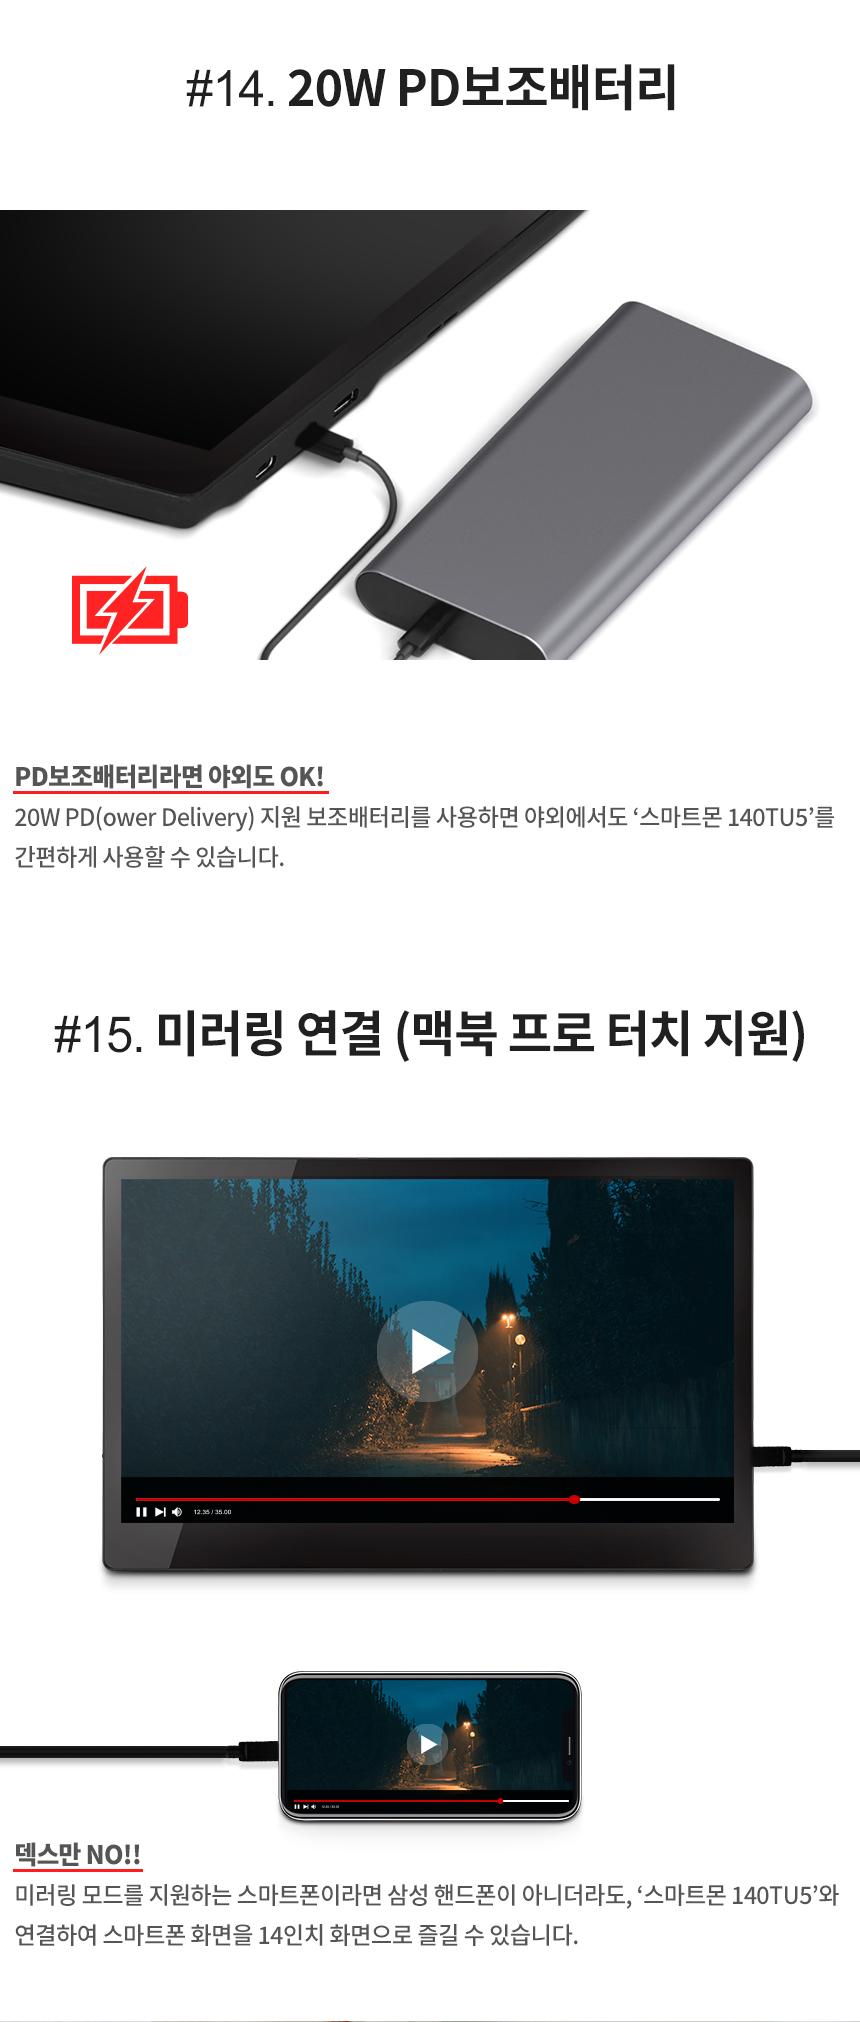 크로스오버 140TU5 DEX 4K UHD AdobeRGB 멀티터치 포터블 무결점